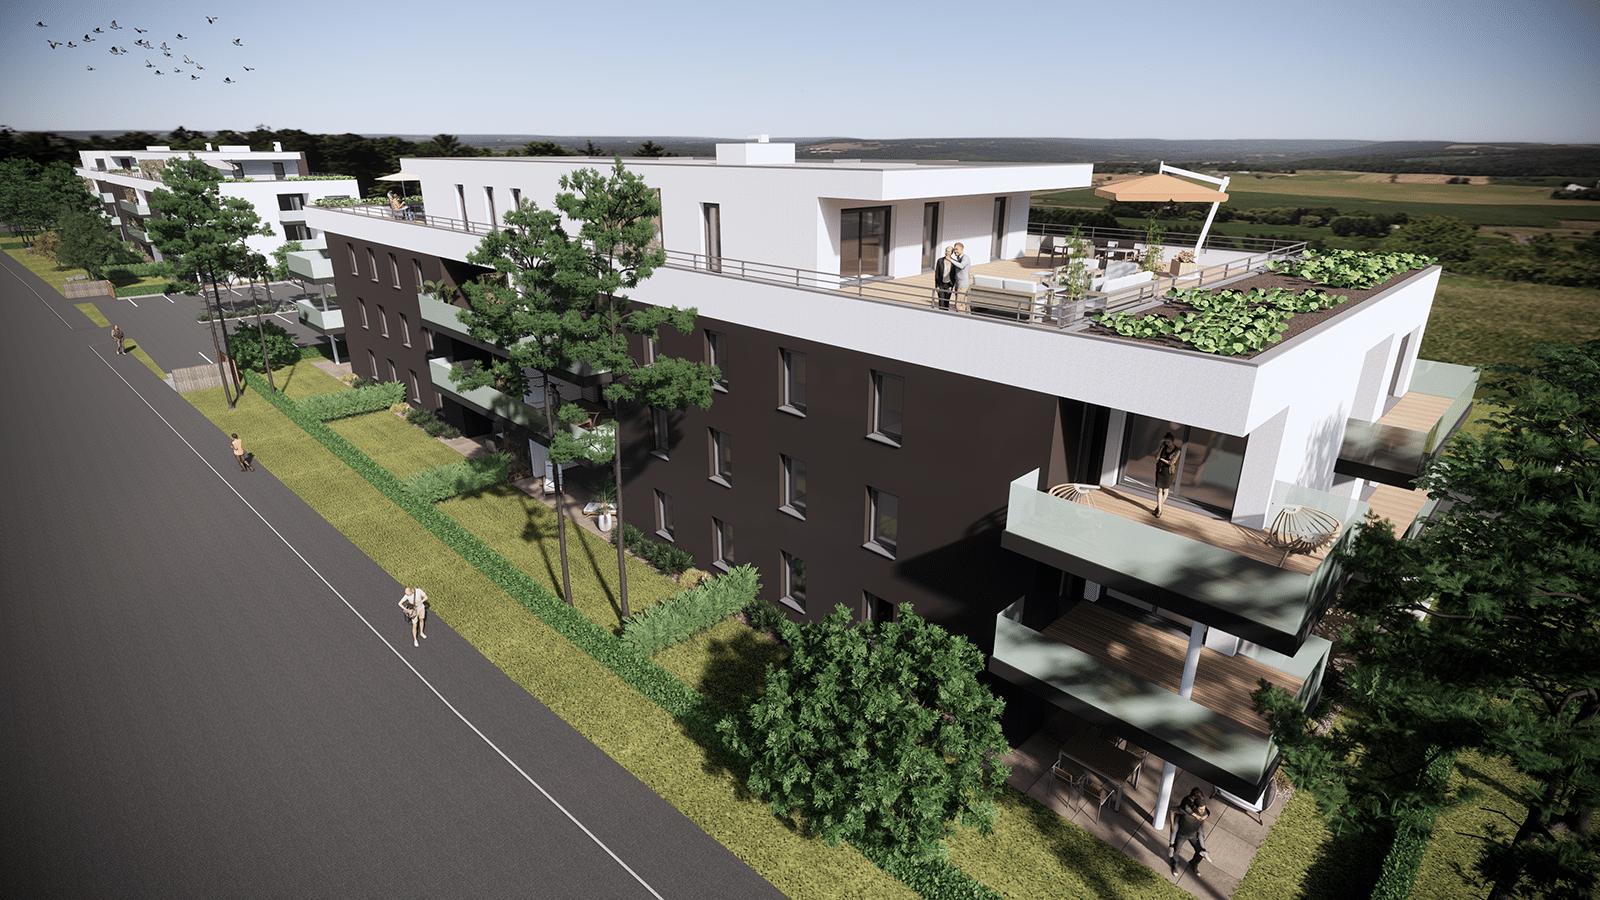 Découvrez L'Escale, une résidence qui propose des appartements neufs du F2 au F5 en attique au cœur de Blotzheim (68730).